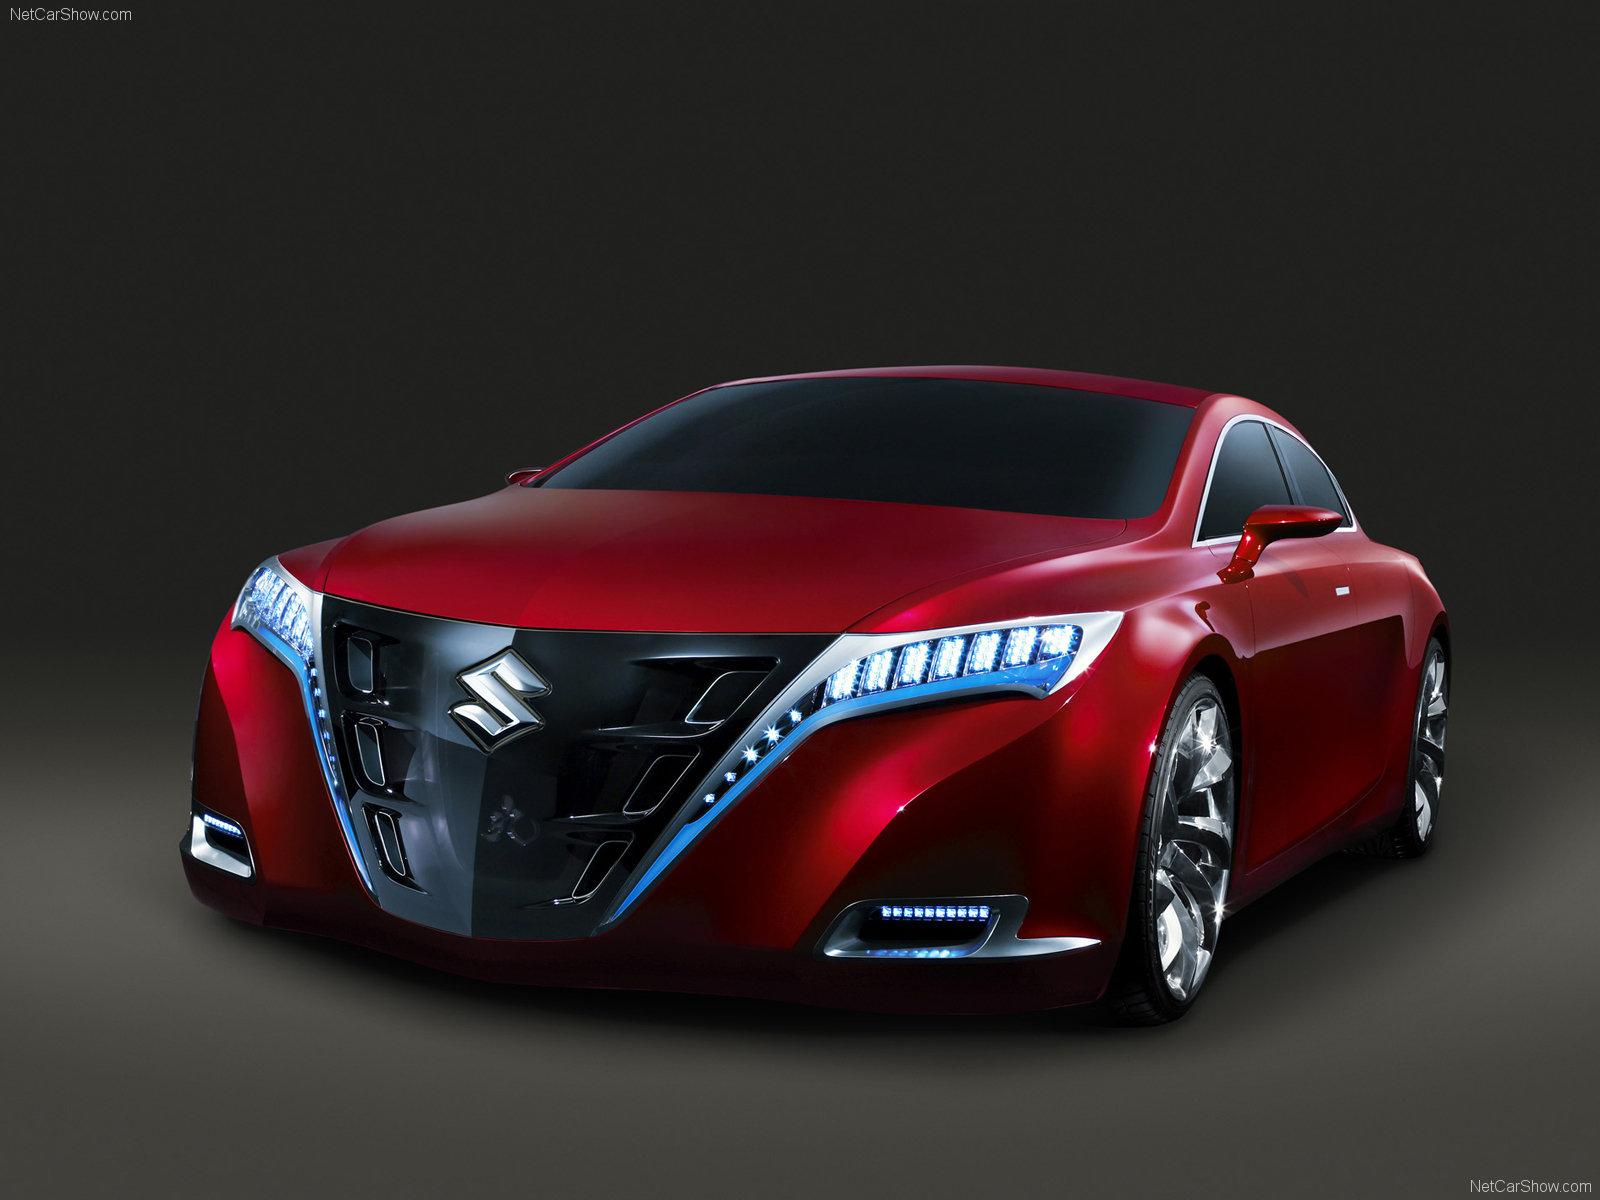 You can vote for this Suzuki Kizashi photo